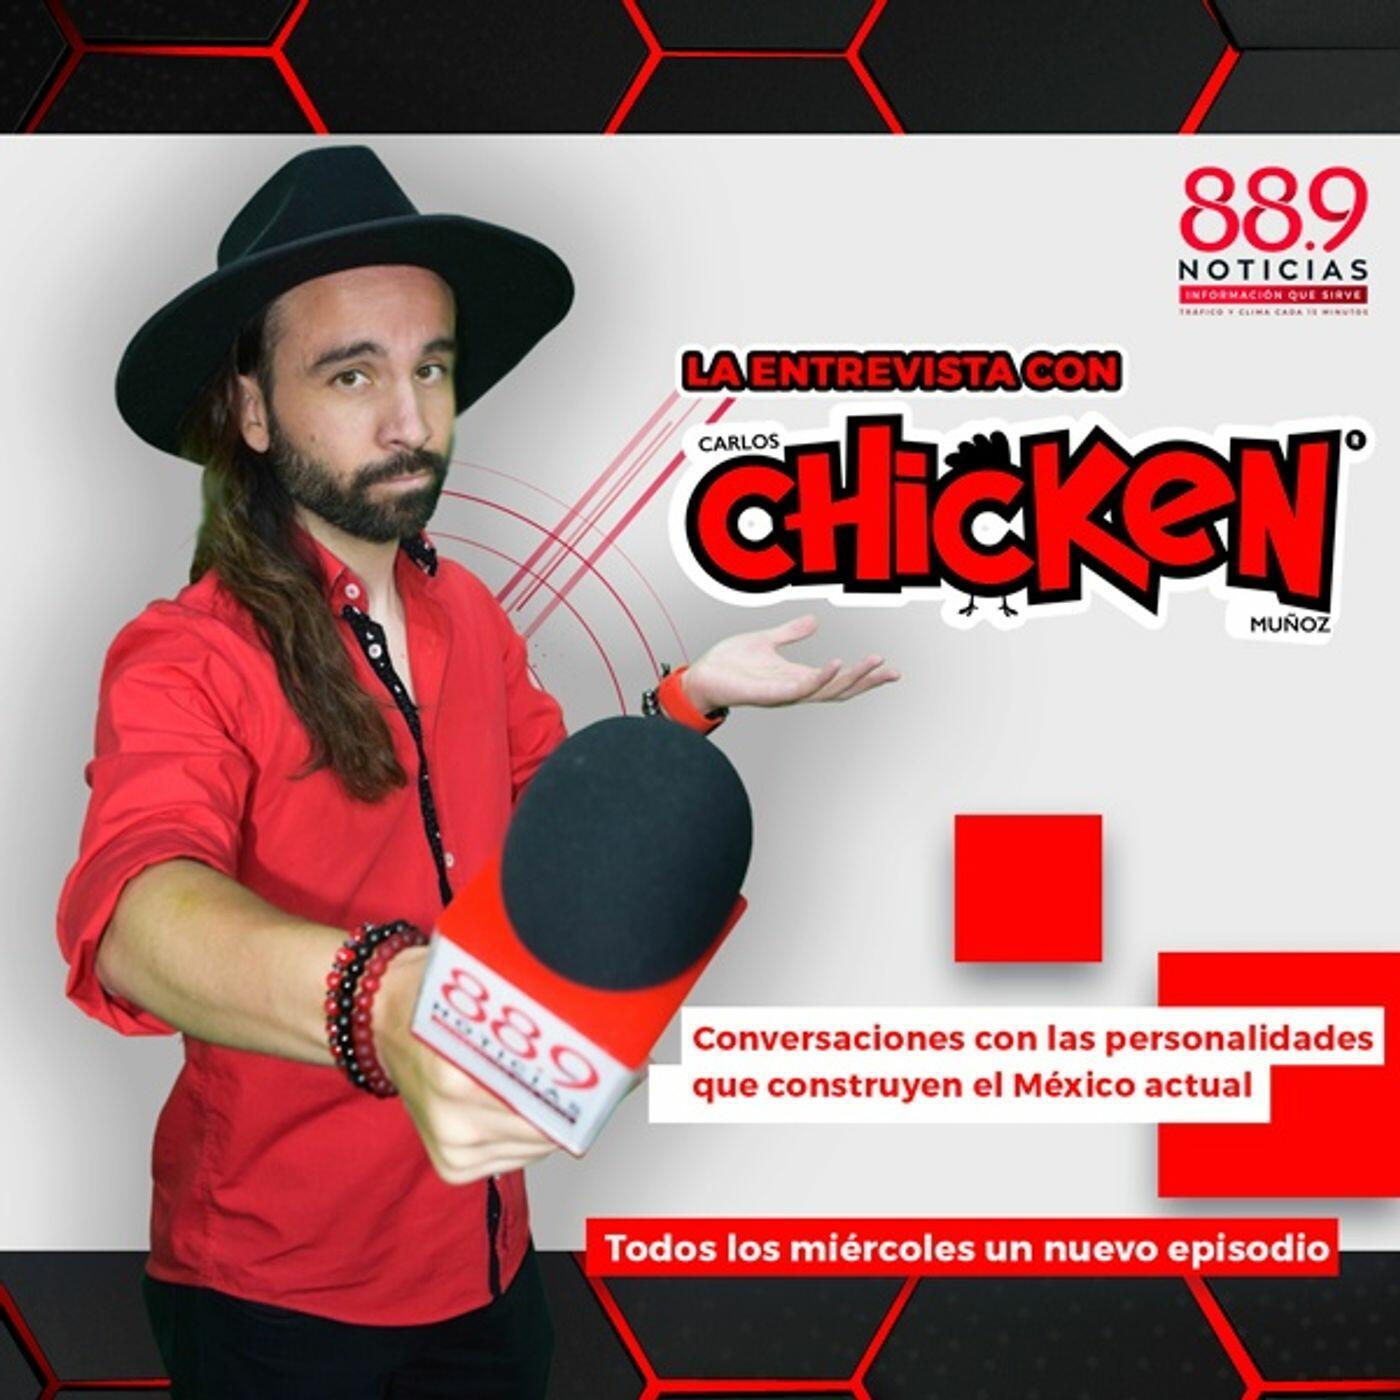 Listen to the La Entrevista con Carlos Chicken Muñoz Episode - Paola Espinosa con Carlos Chicken Muñoz | Entrevista on iHeartRadio | iHeartRadio